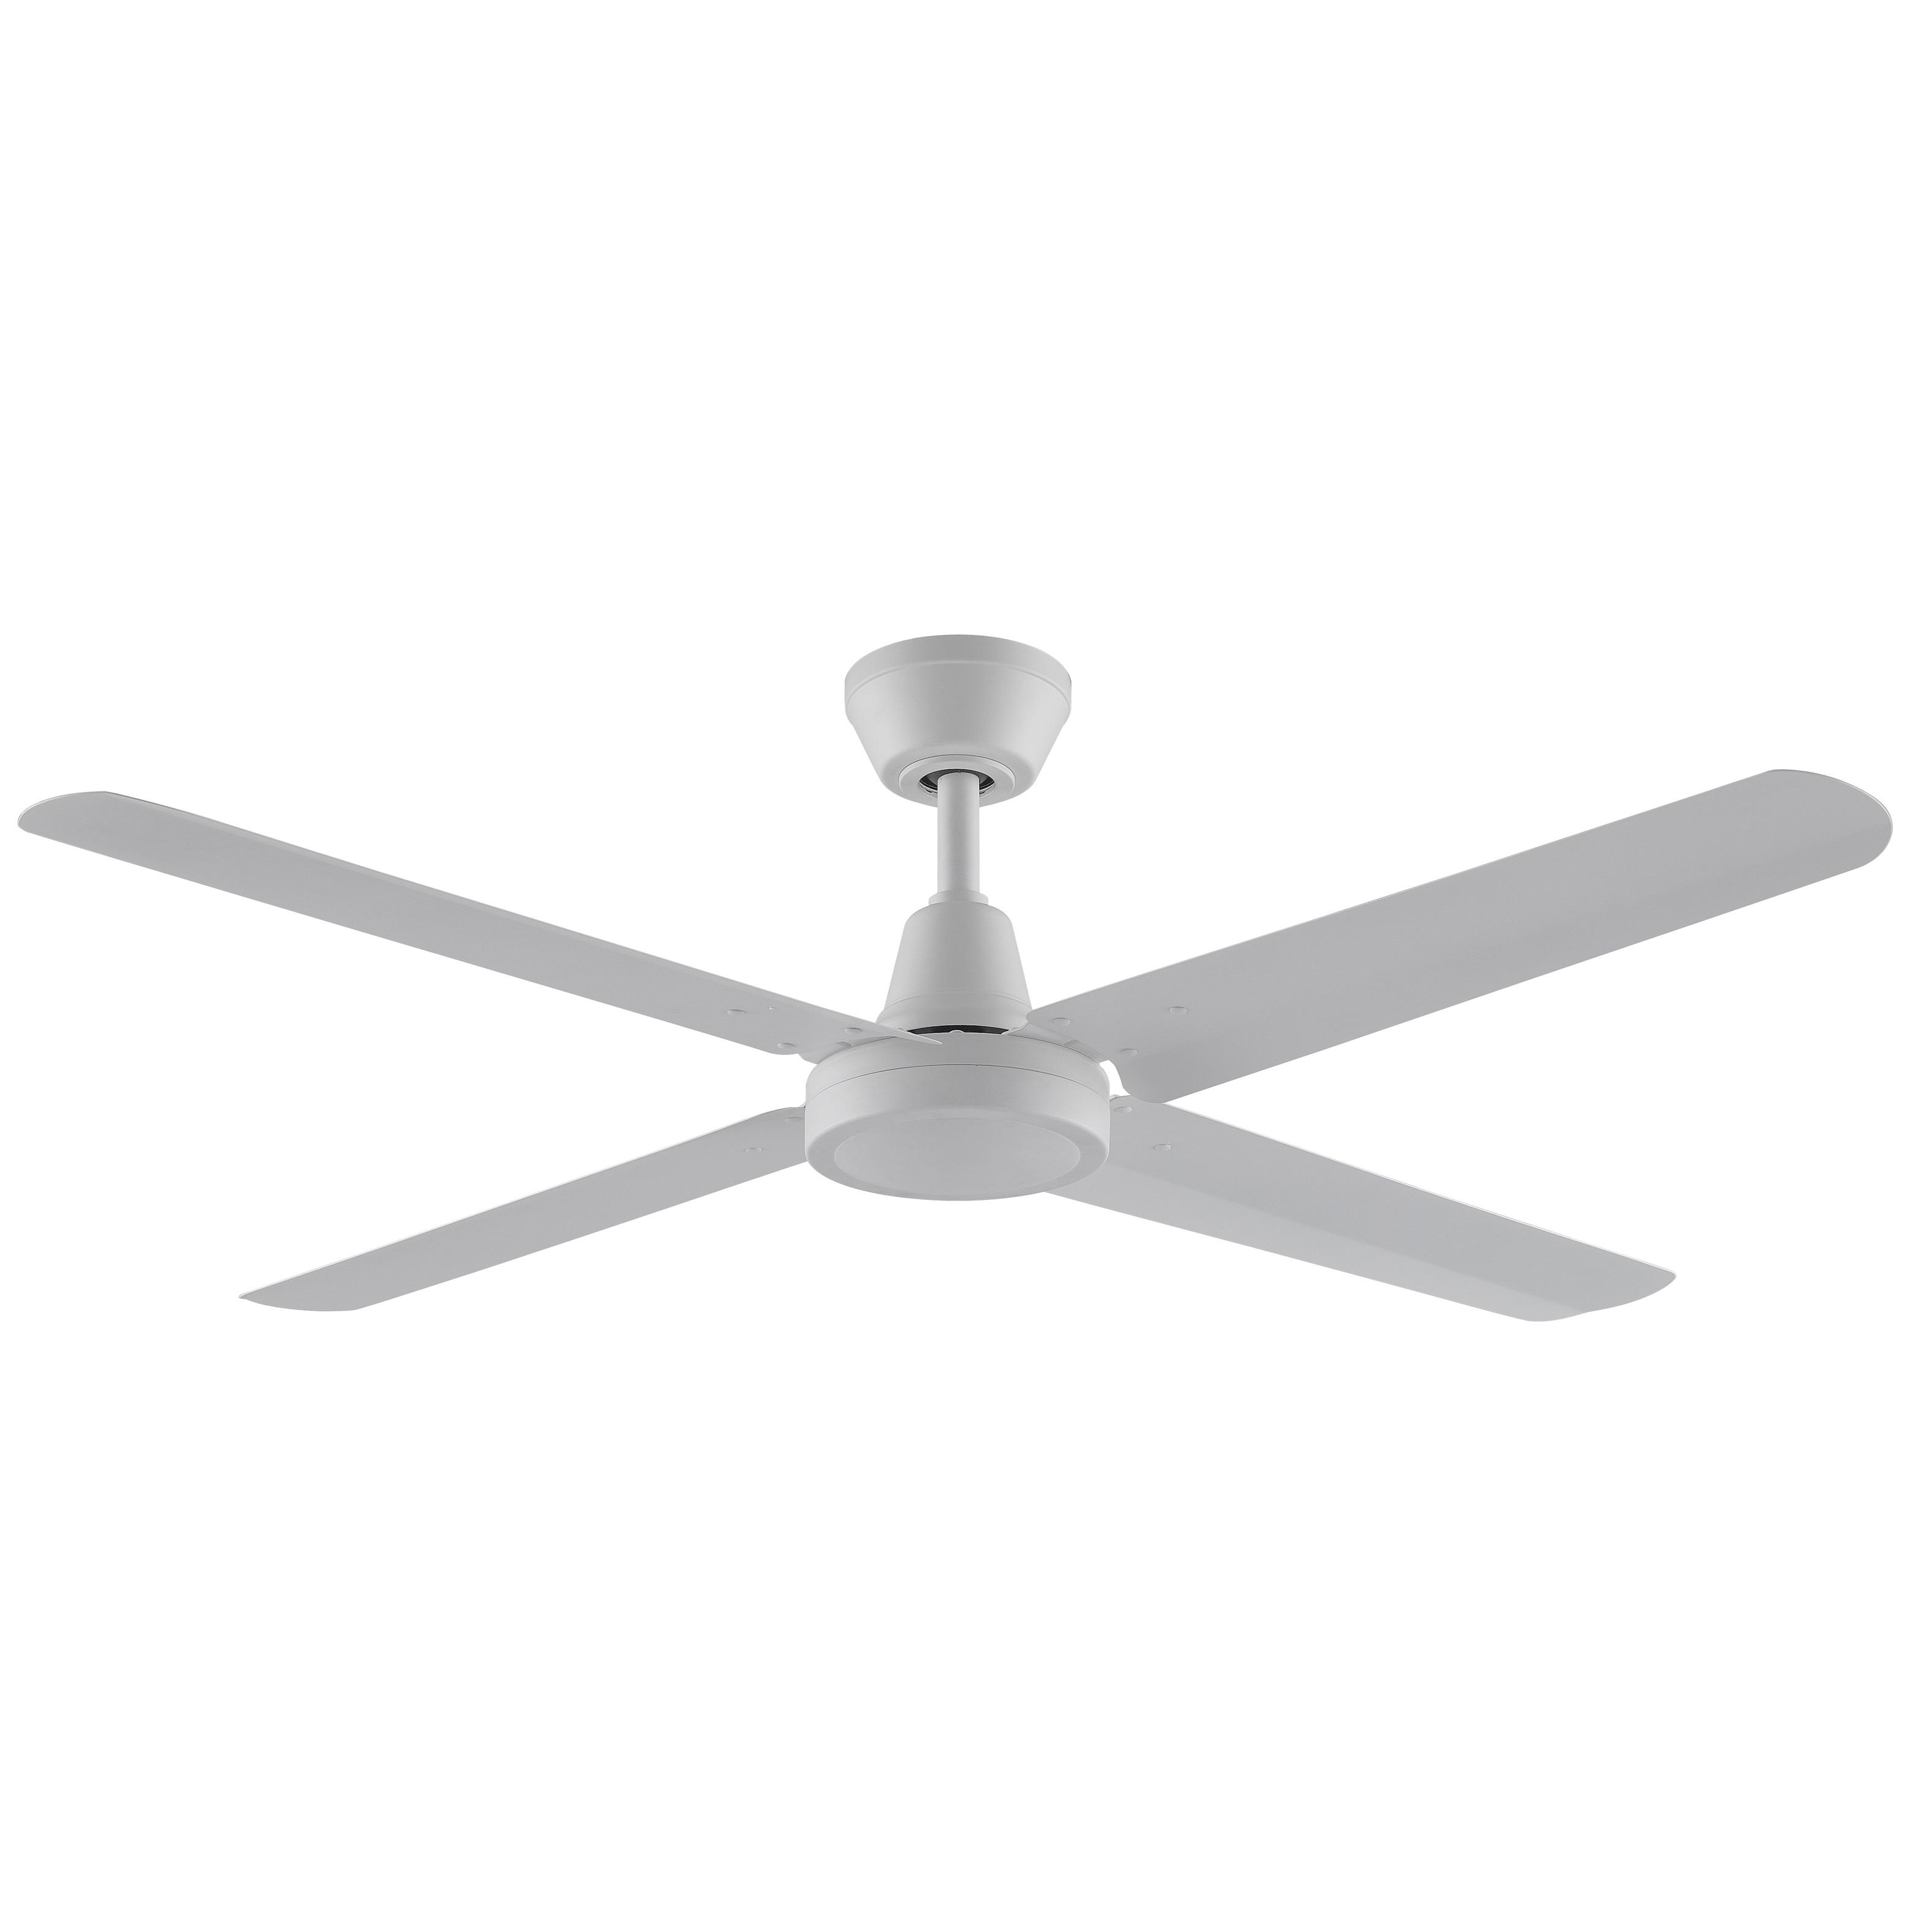 4 Blade Matte White Ceiling Fan